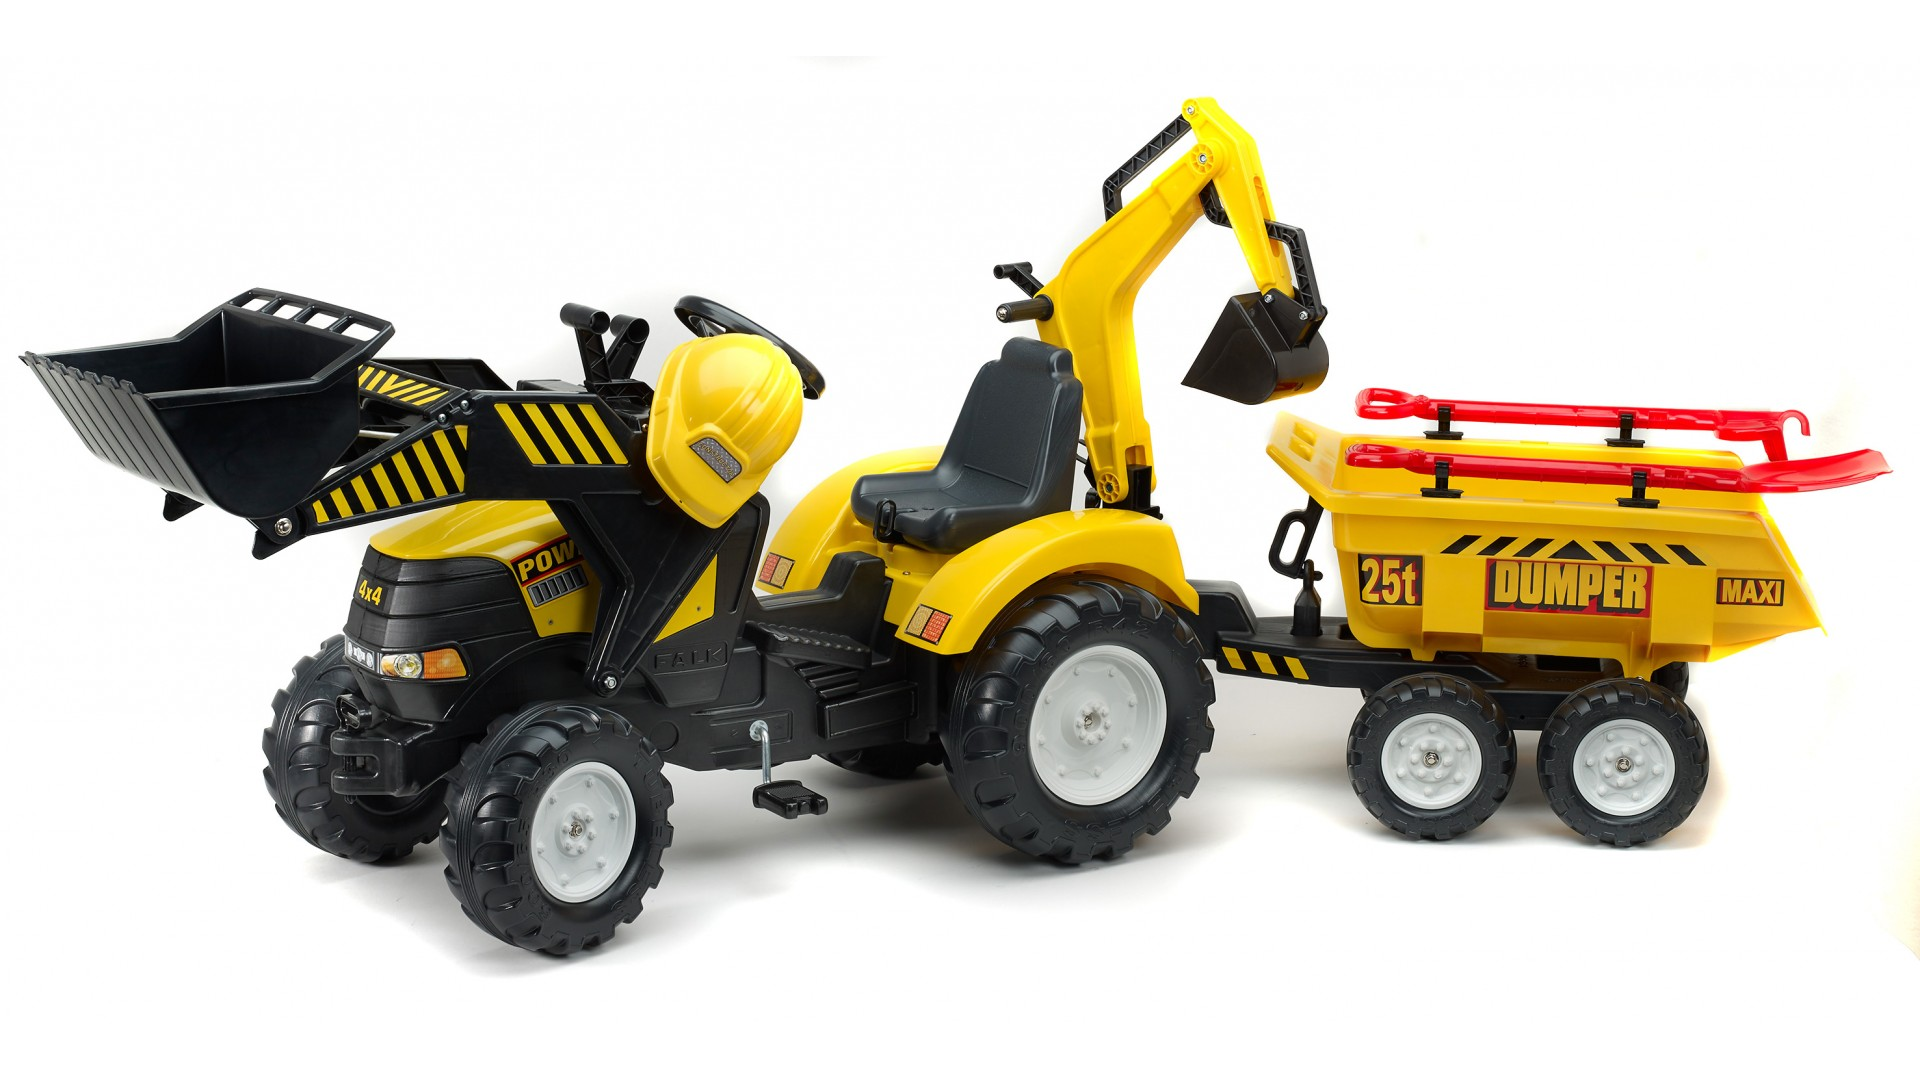 Педальный трактор-экскаватор с прицепом, черно-желтый, 230 см - Педальные машины и трактора, артикул: 169029